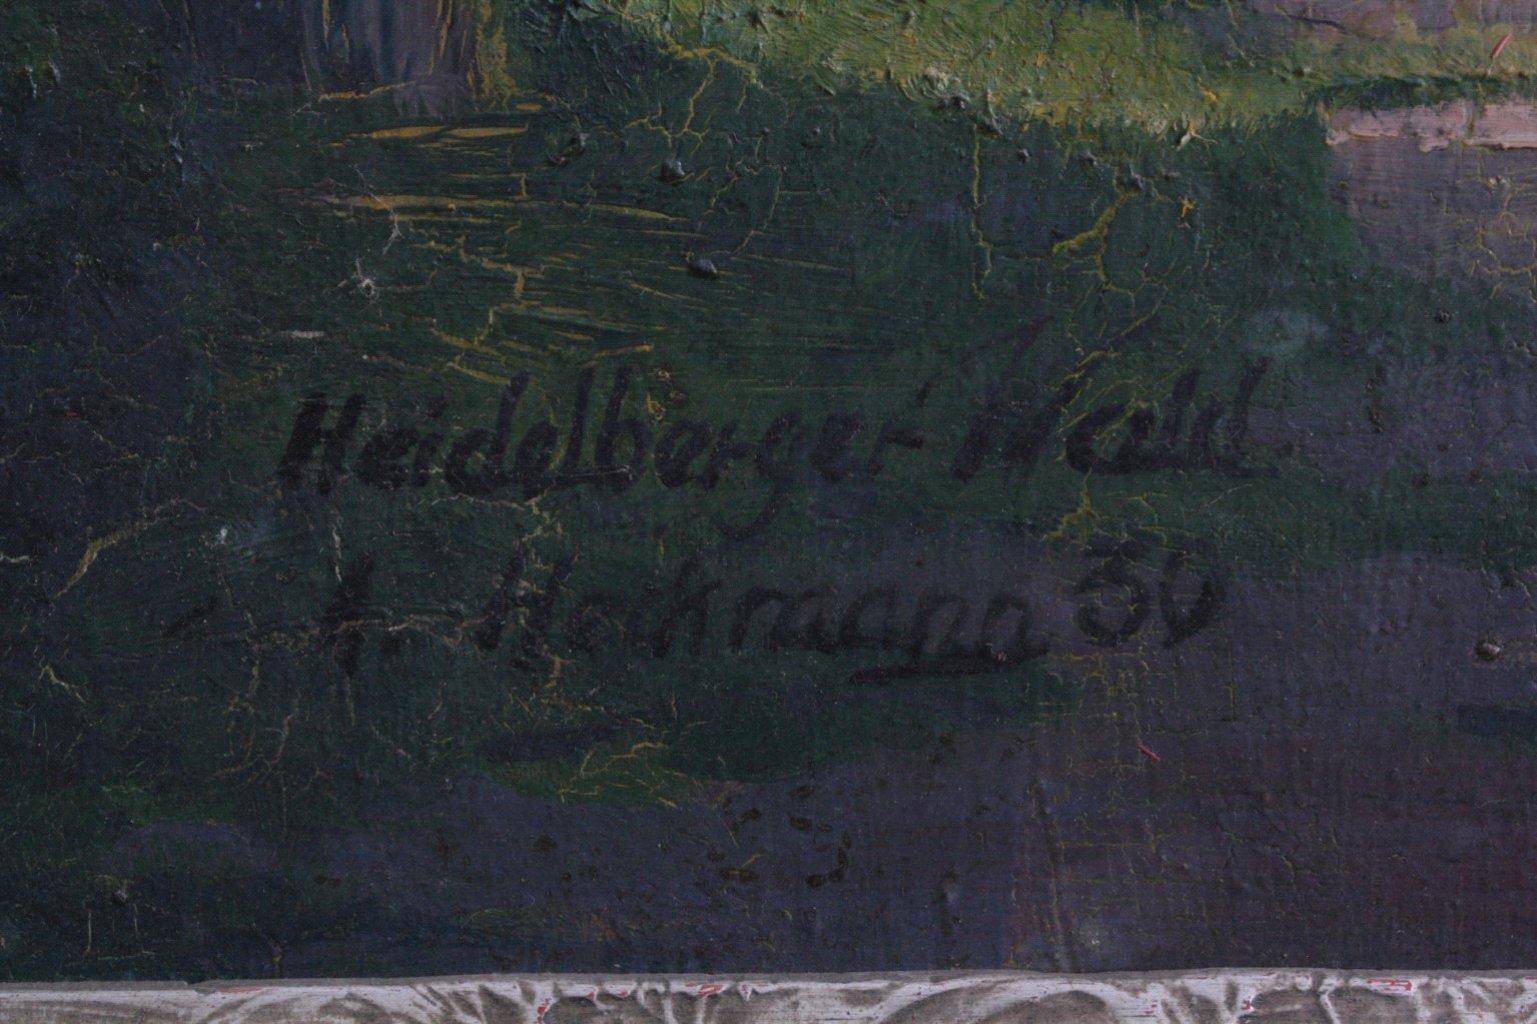 A. Heckmann, Heidelberger Wald-1